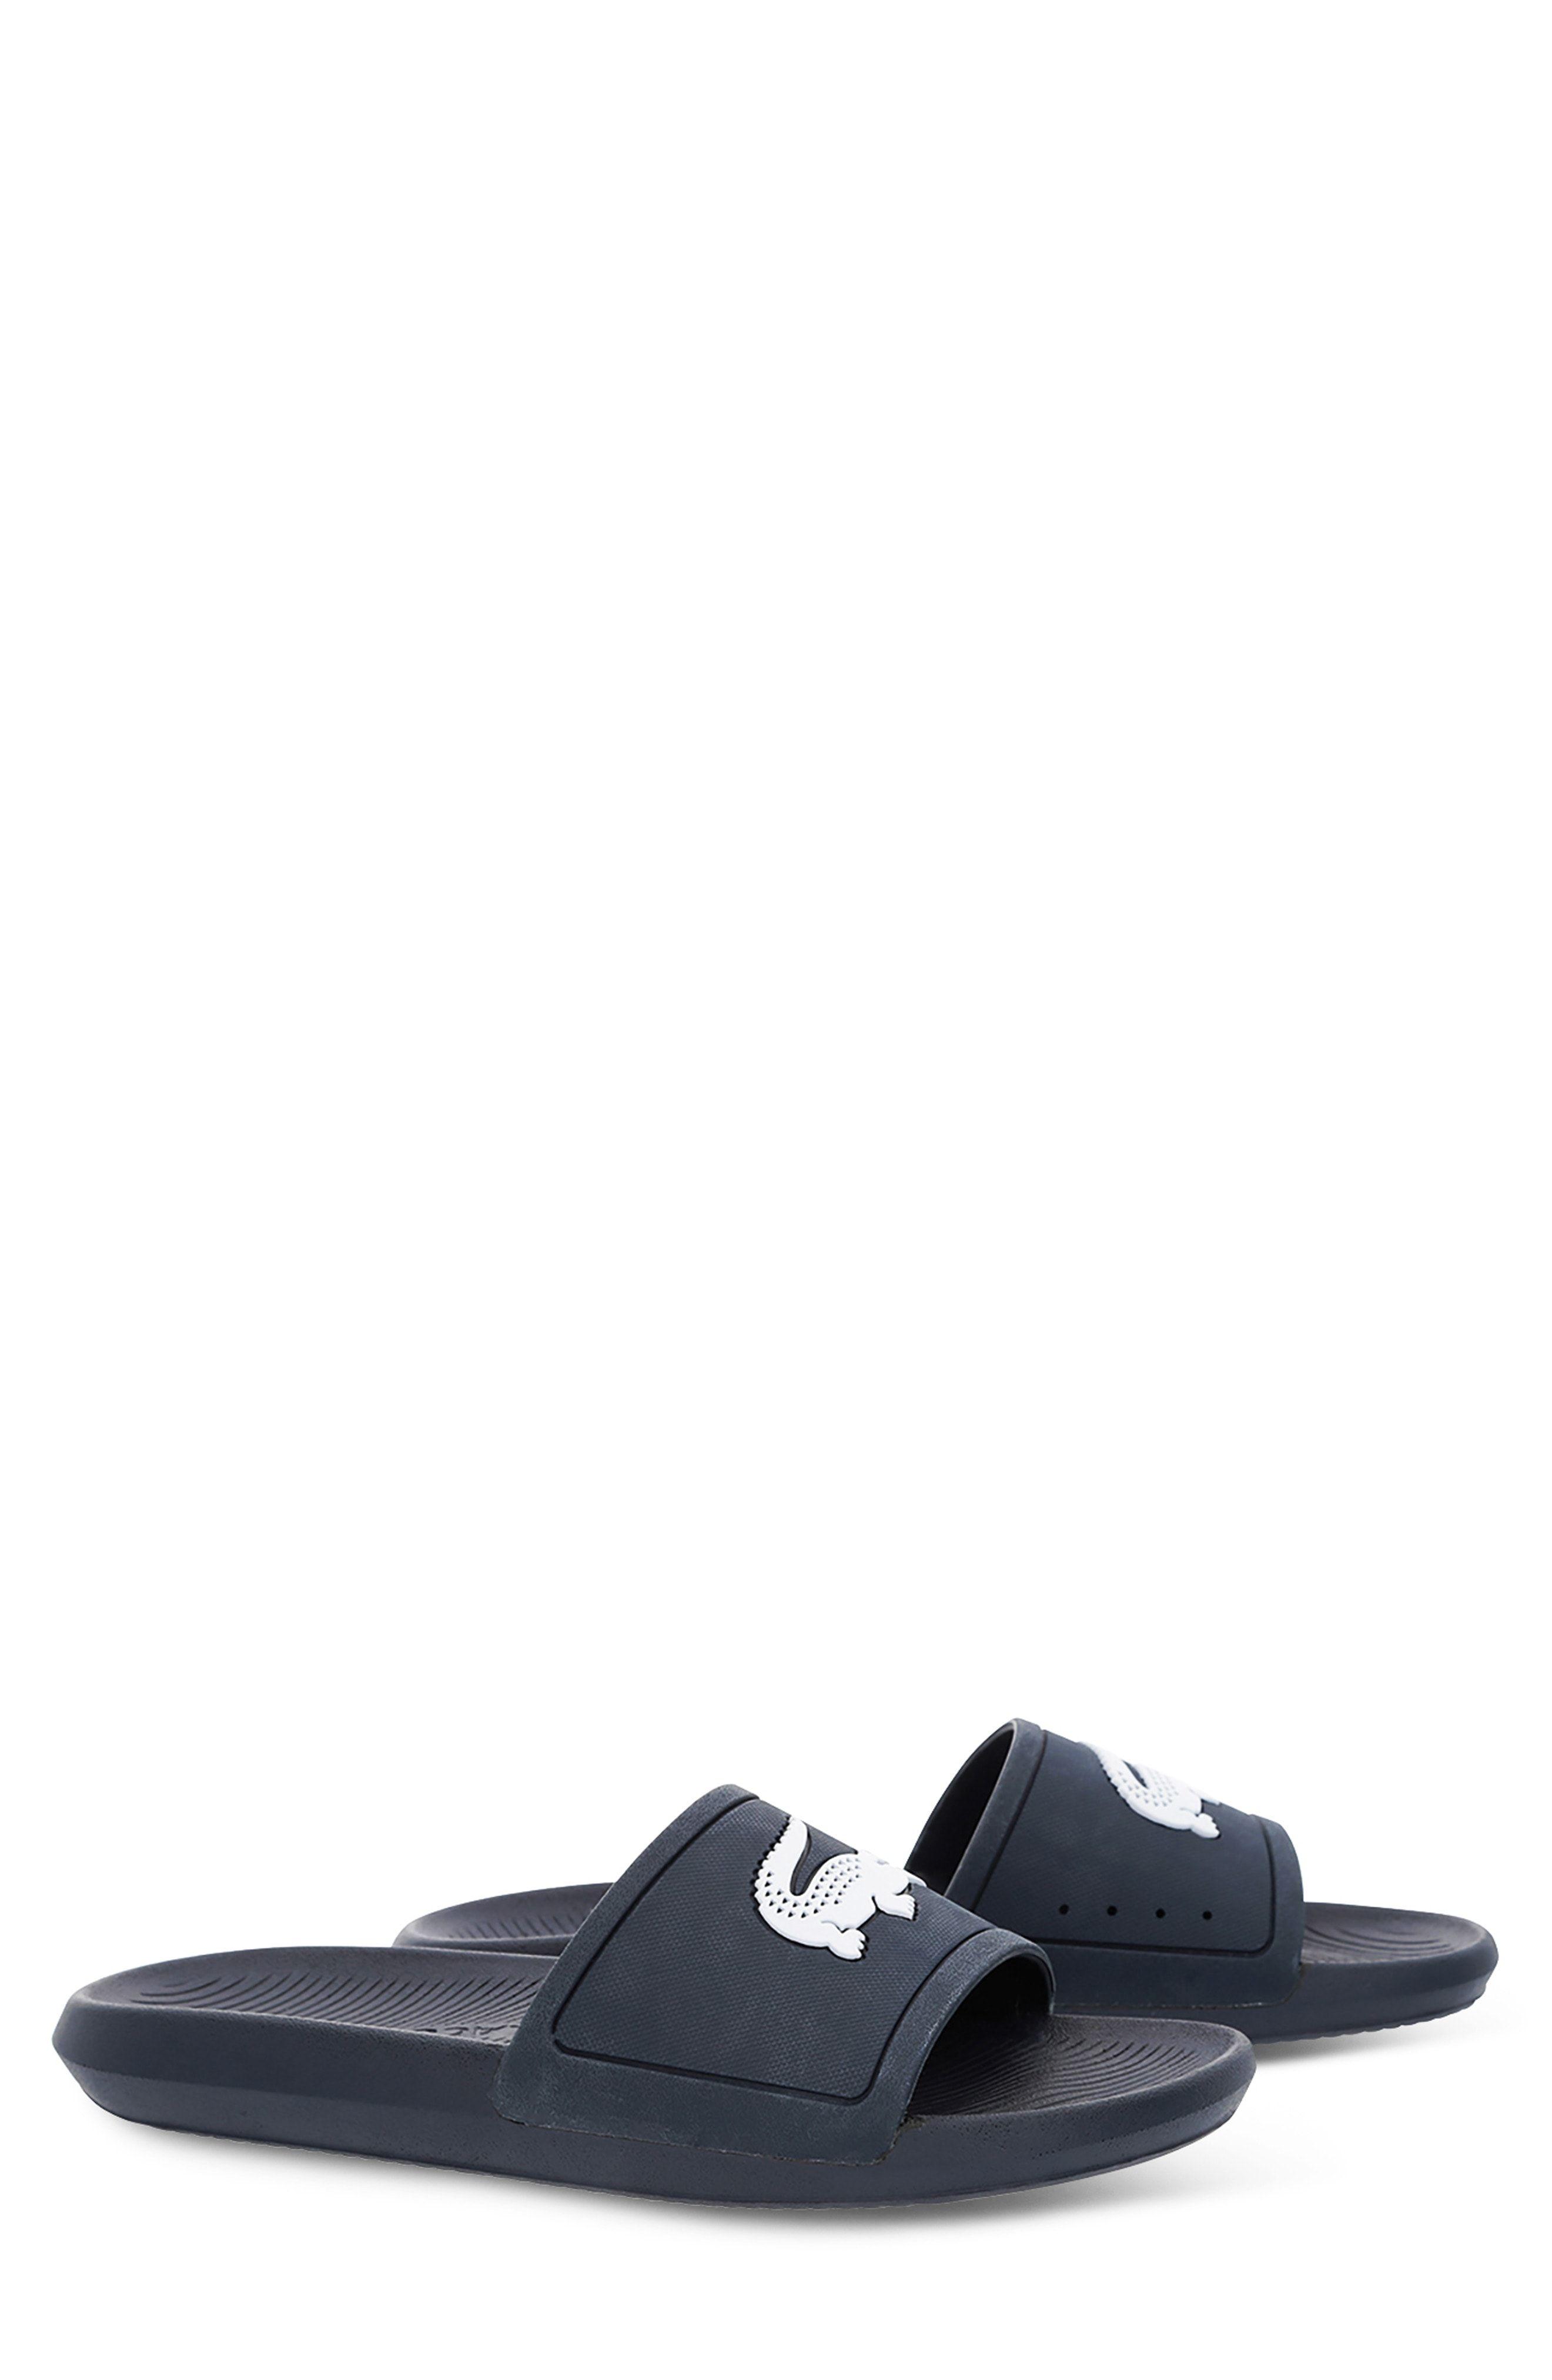 c0a0905c0338 LACOSTE CROCO SLIDE SANDAL.  lacoste  shoes